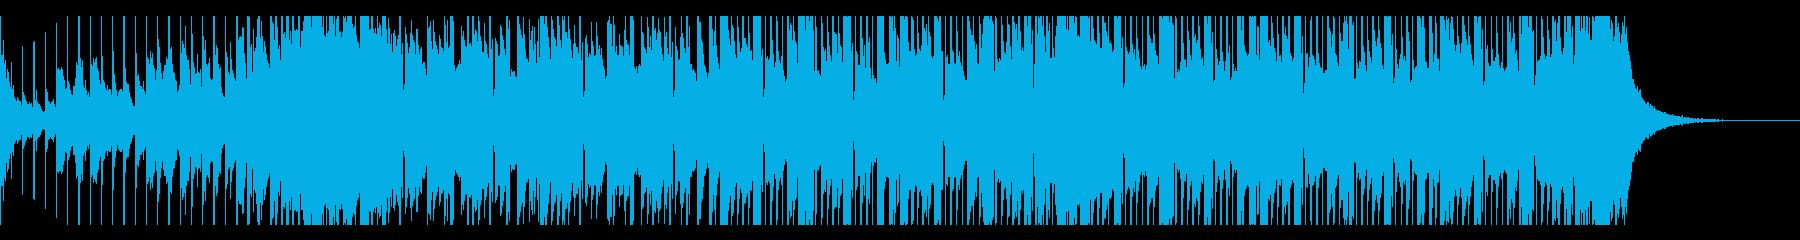 スタイリッシュなエネルギートラップ60秒の再生済みの波形